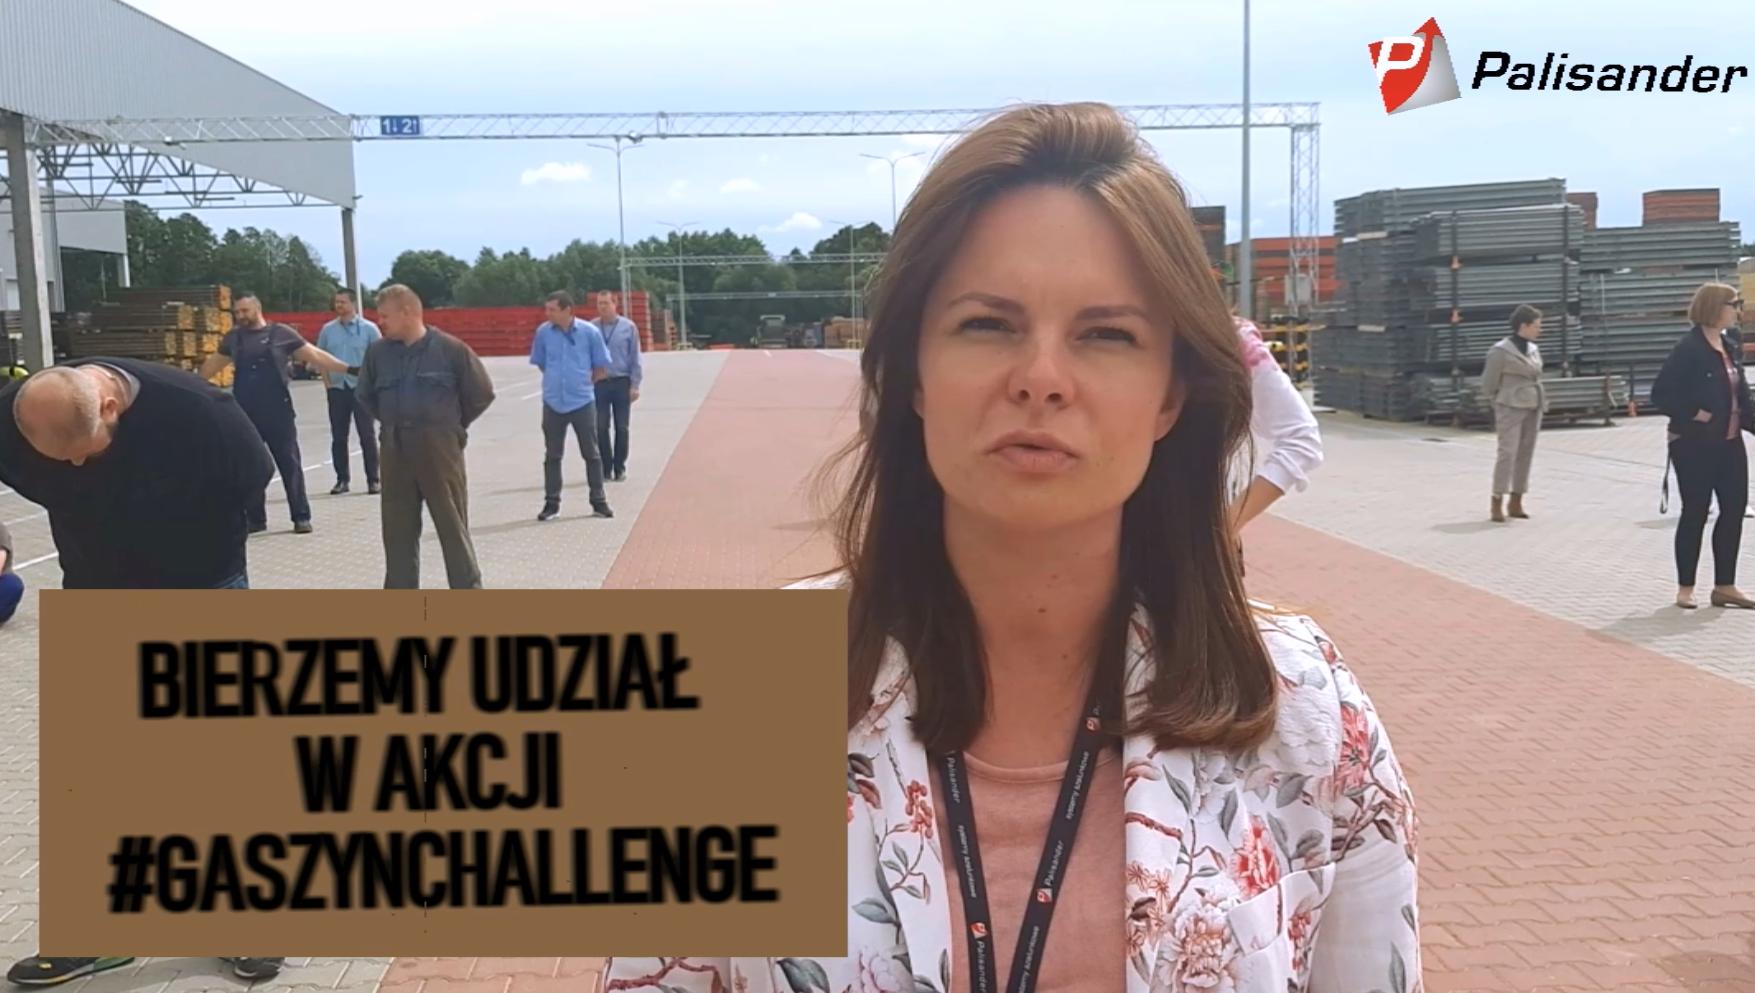 Palisander wzięło udział w akcji #GaszynChallenge